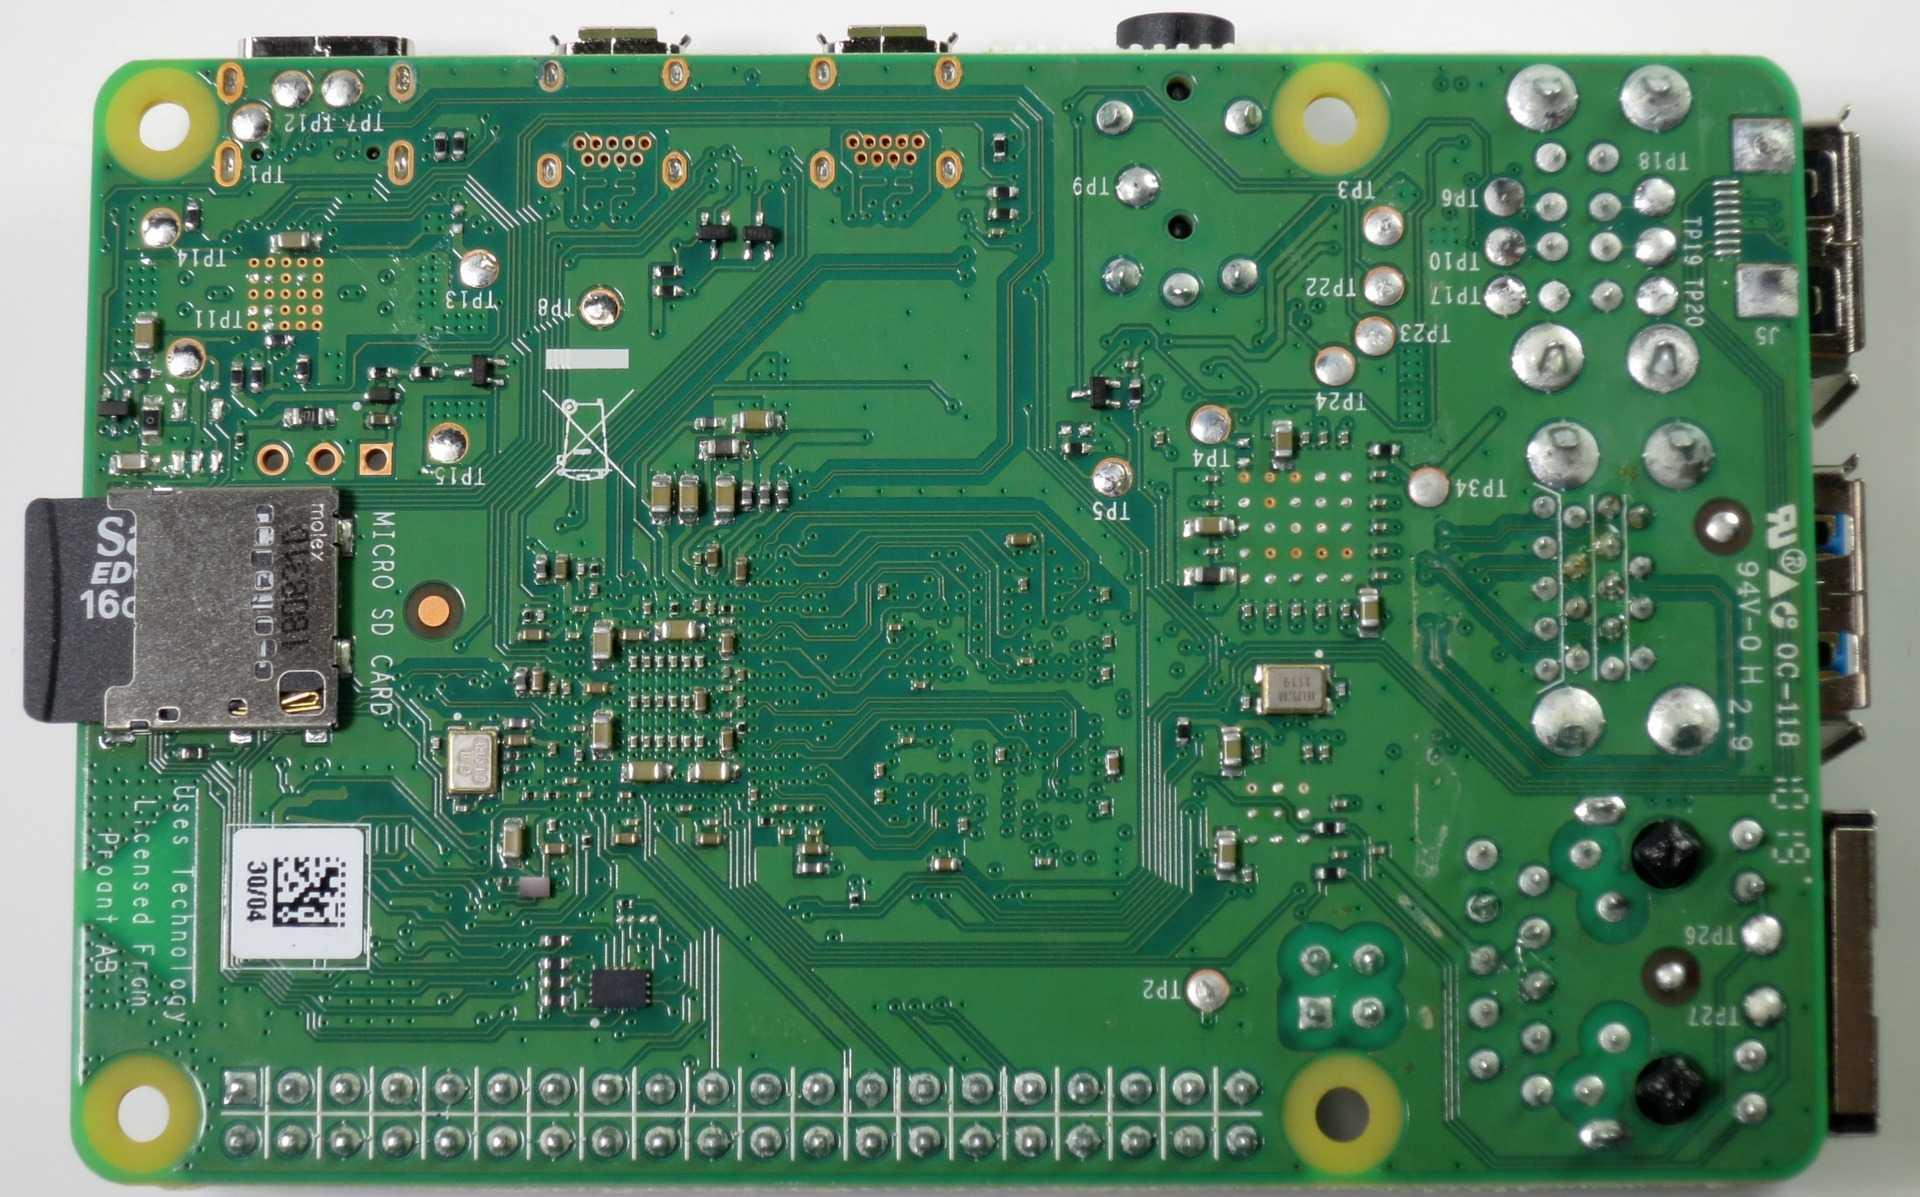 Auch der neue Raspberry Pi 4 bootet von einer MicroSD-Karte, die in einem Reader an der Unterseite der Platine steckt.